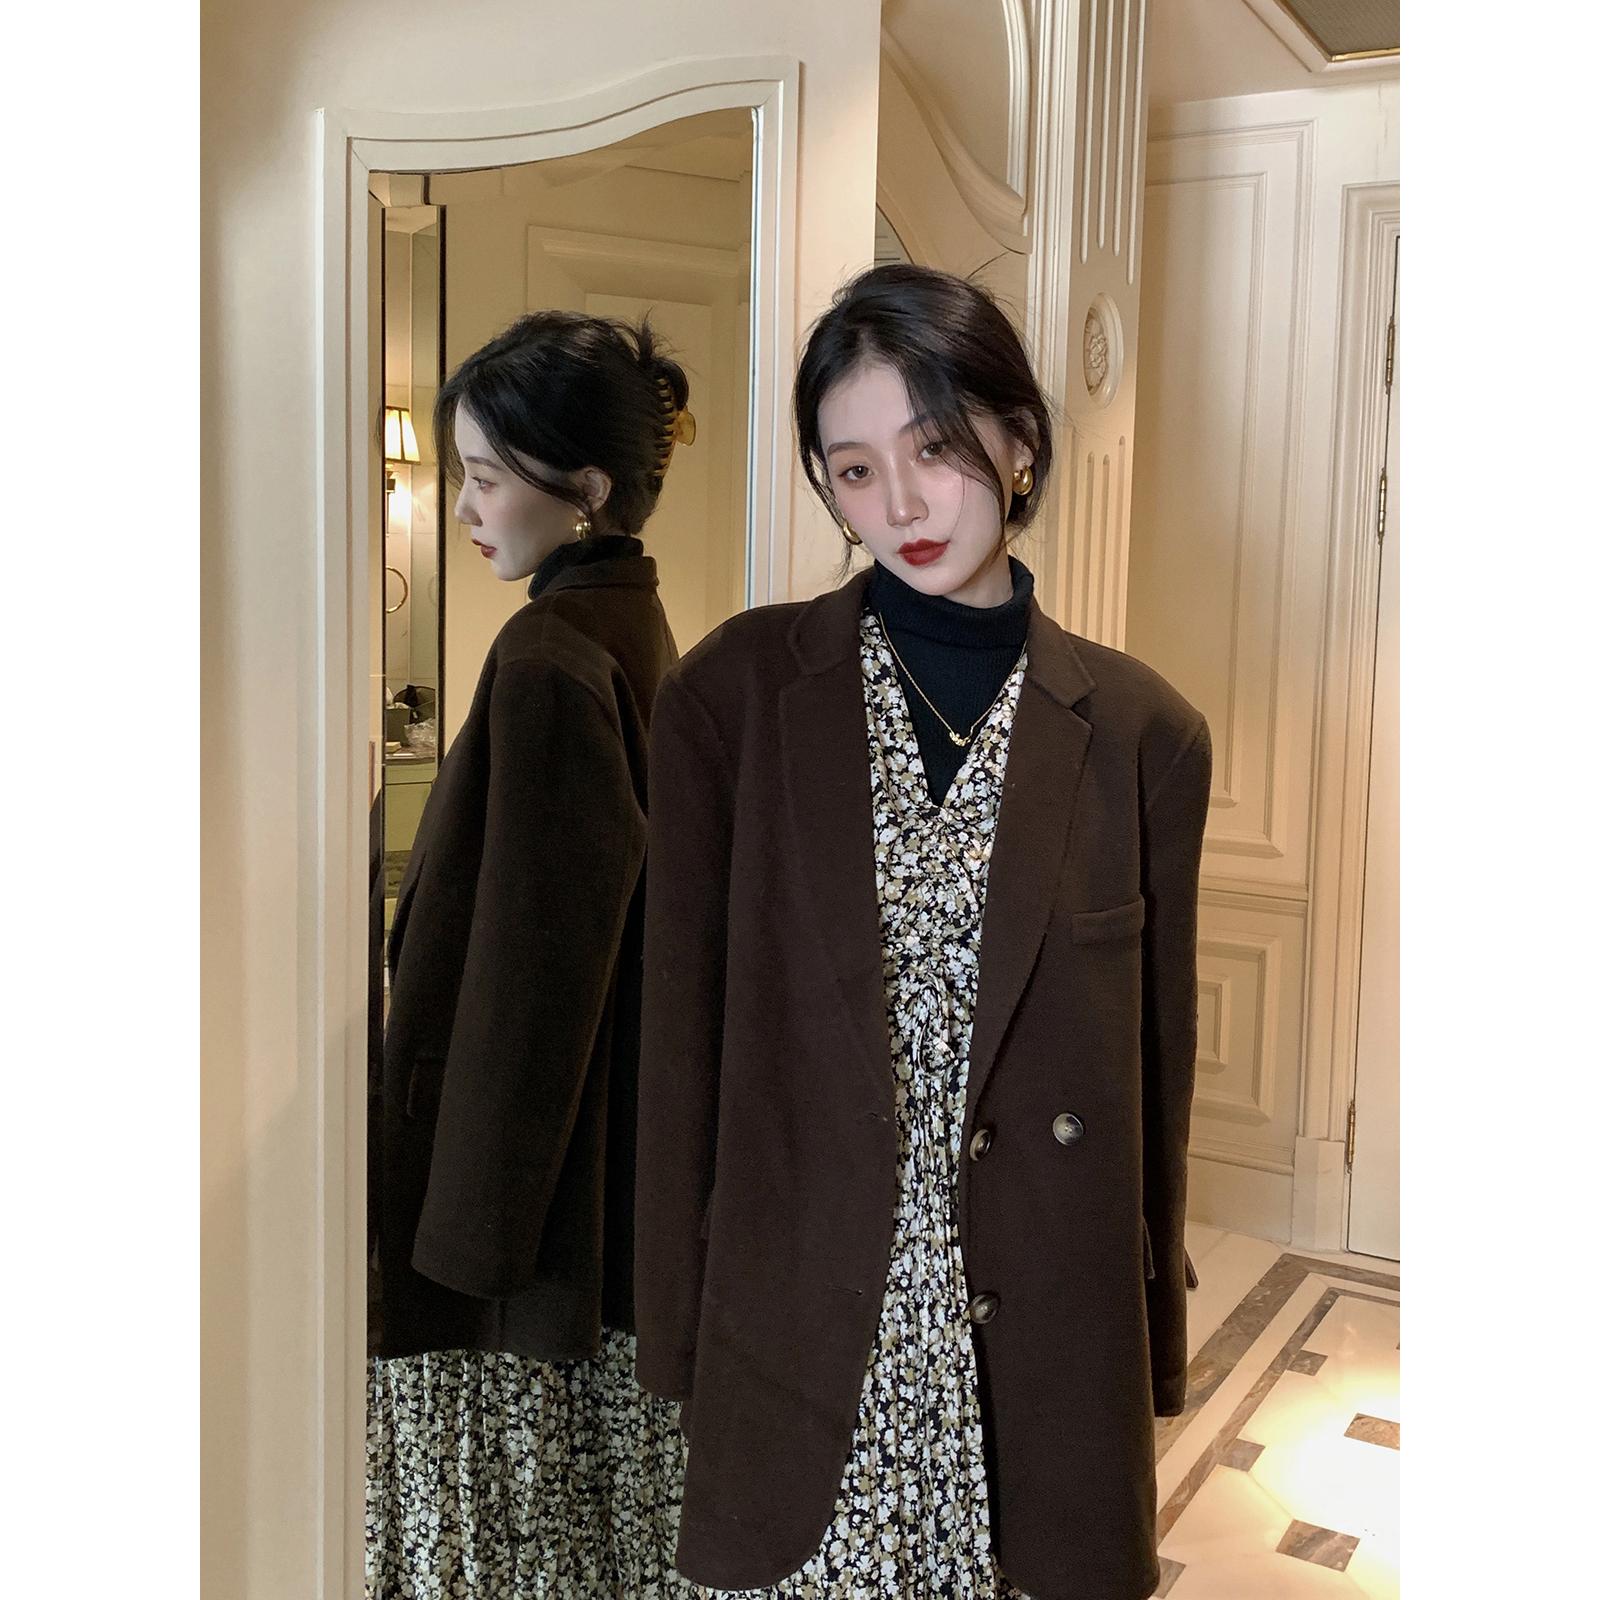 鹭青一复古毛呢西装外套女2020冬季新款气质宽松百搭双面羊绒大衣